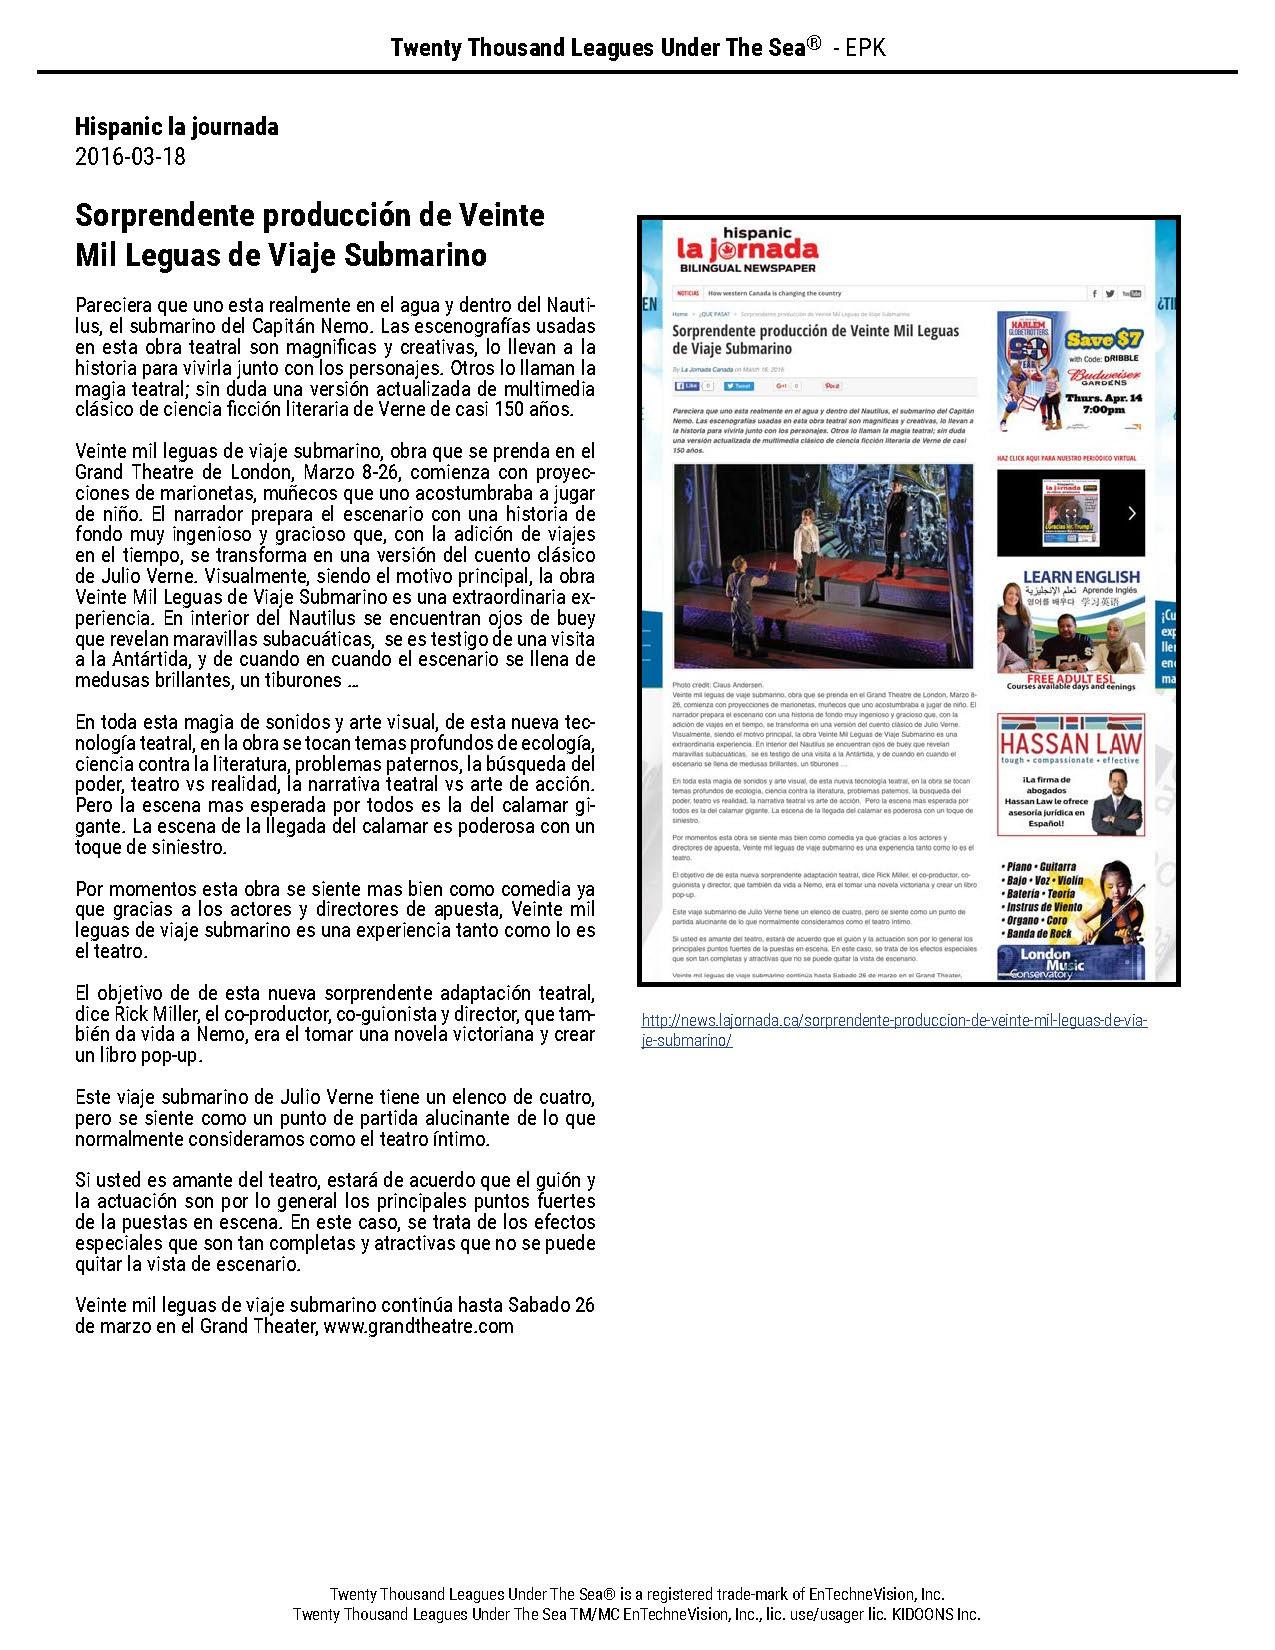 20kshow_EPK_170622d-lr_Page_17.jpg